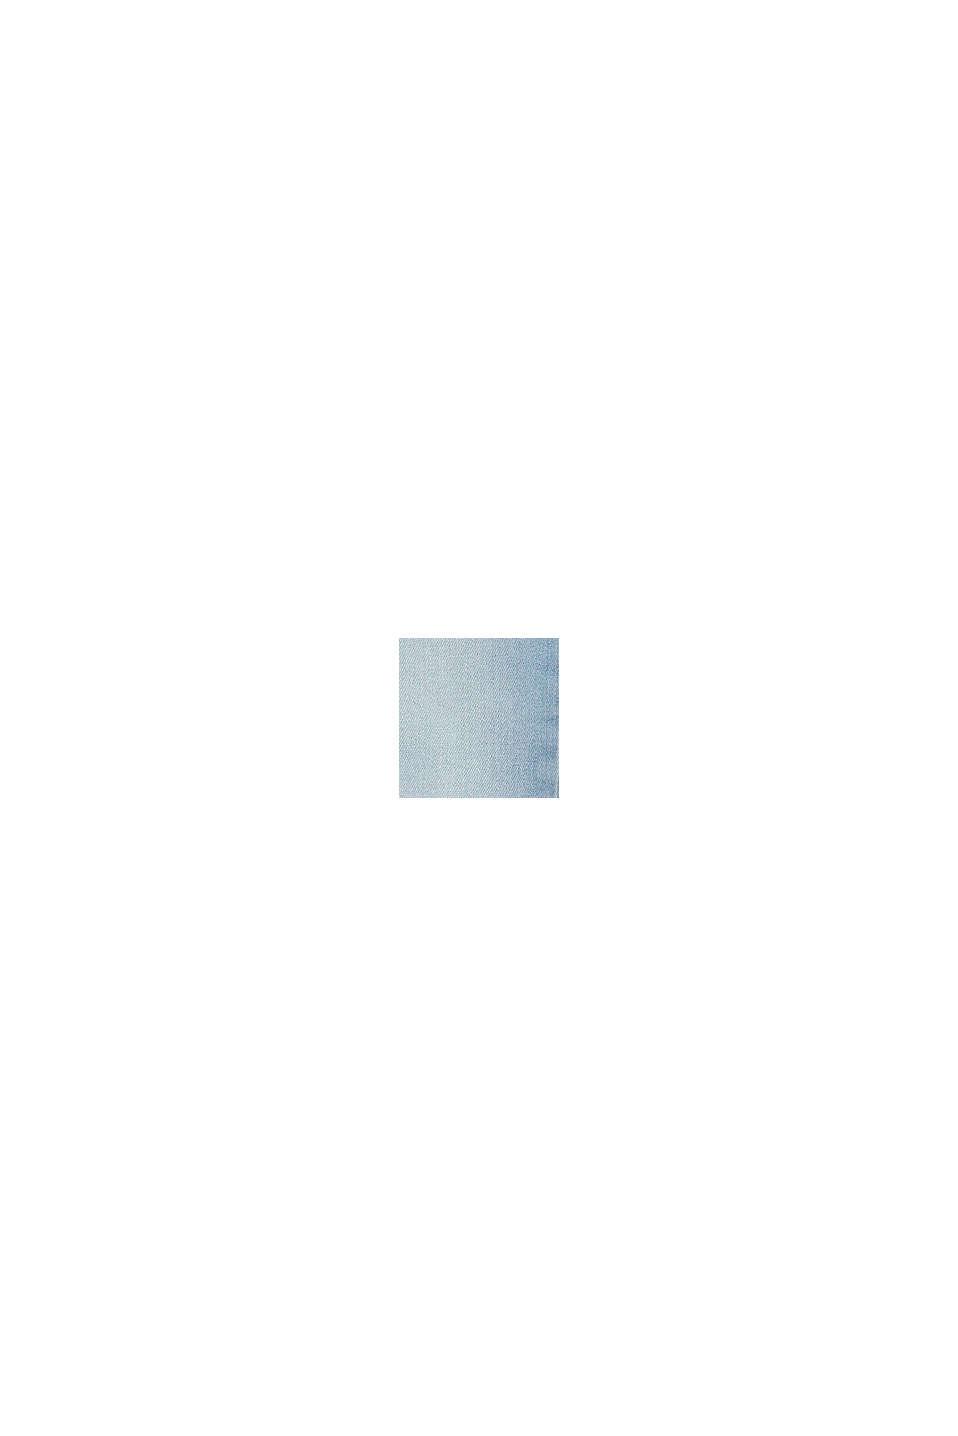 Vaqueros con cintura ajustable y bajo en diagonal, BLUE BLEACHED, swatch